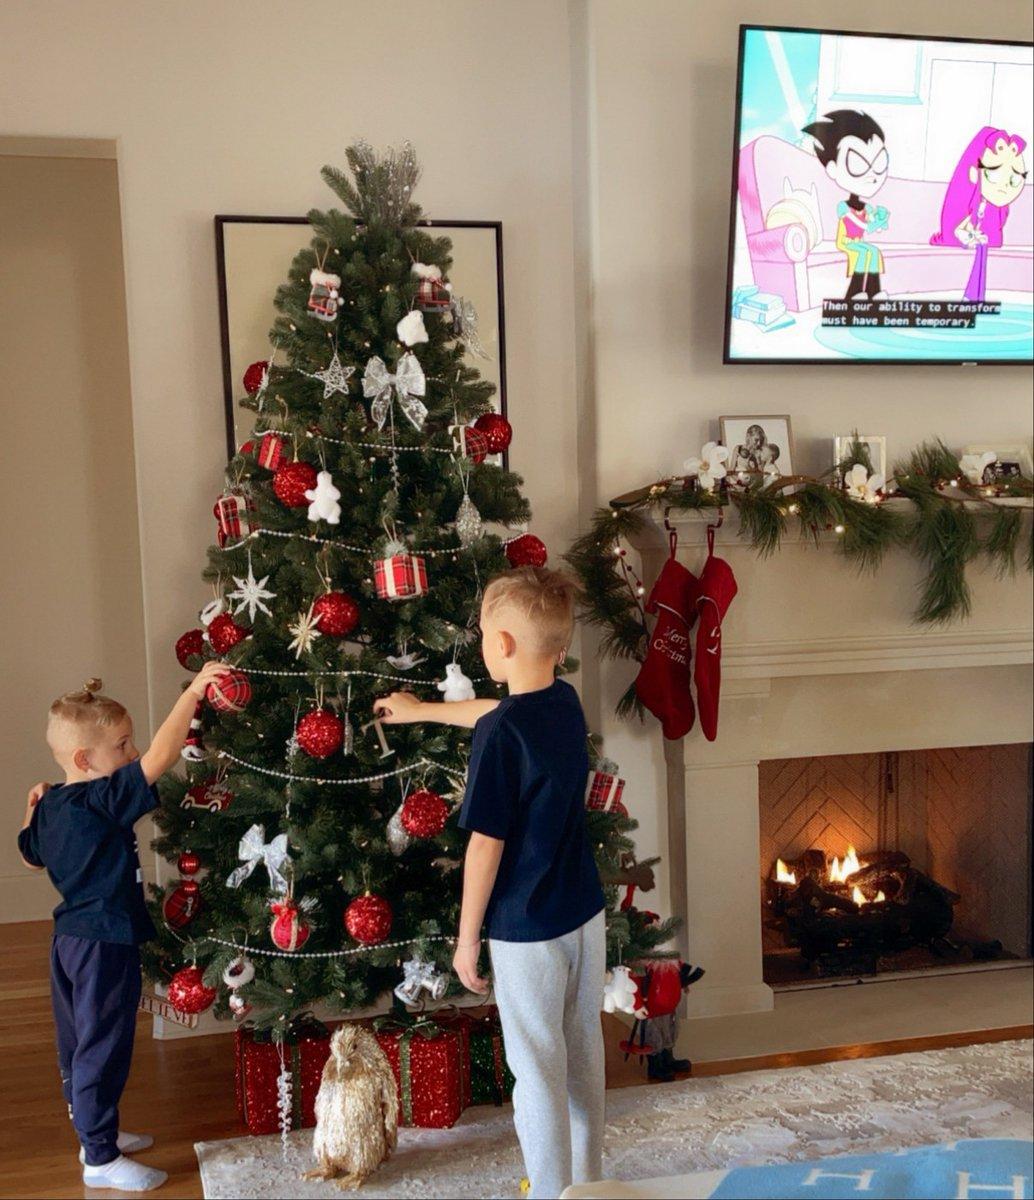 Let's start the countdown 🎁🎄  #ThisIsJonas #ChristmasMood #FamilyTime